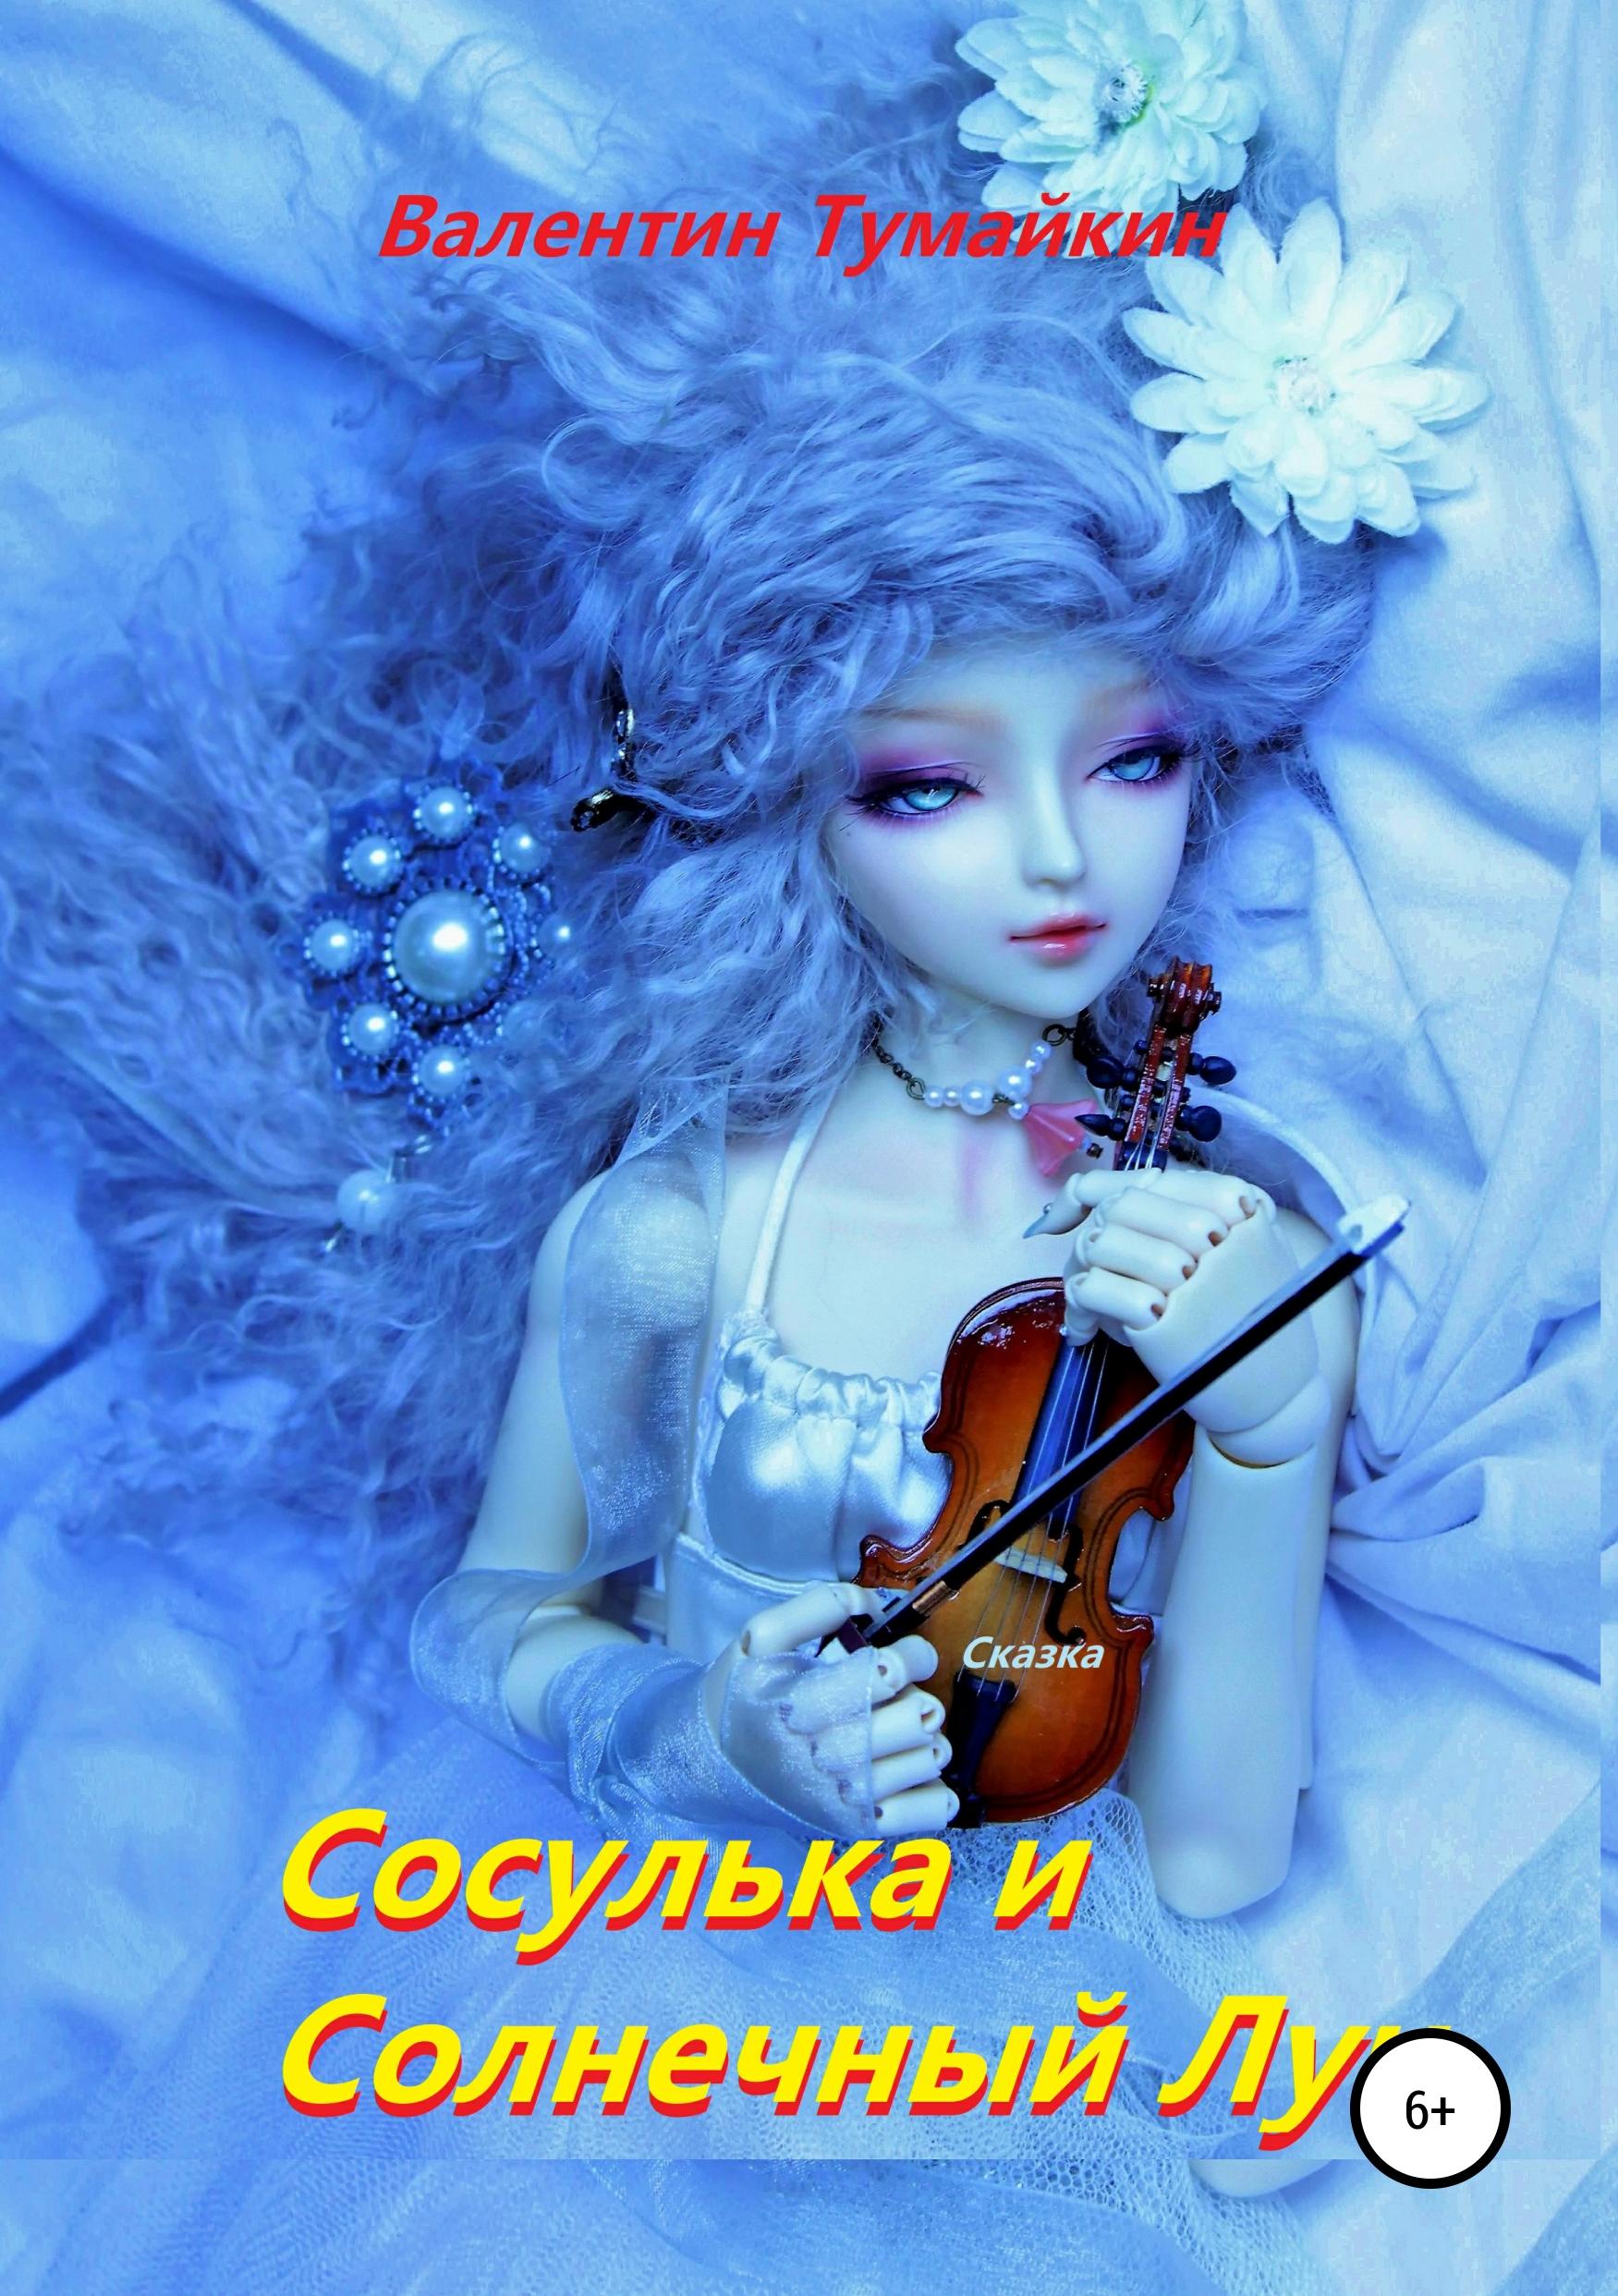 Валентин Тумайкин Сосулька и Солнечный Луч